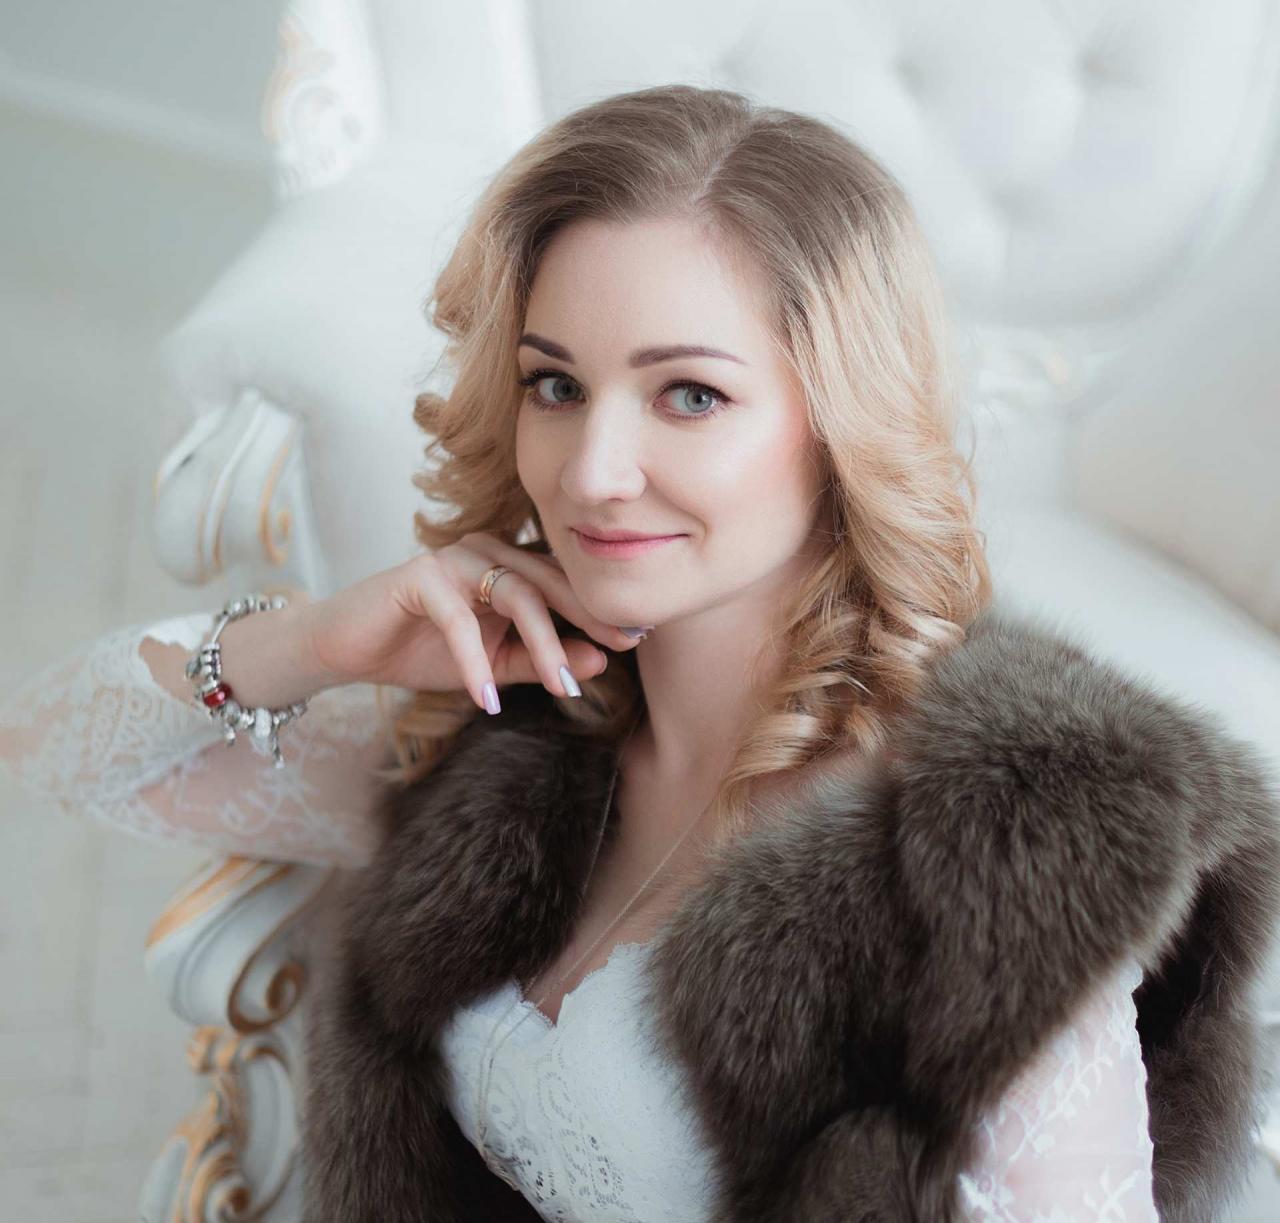 Соловьева Алиса